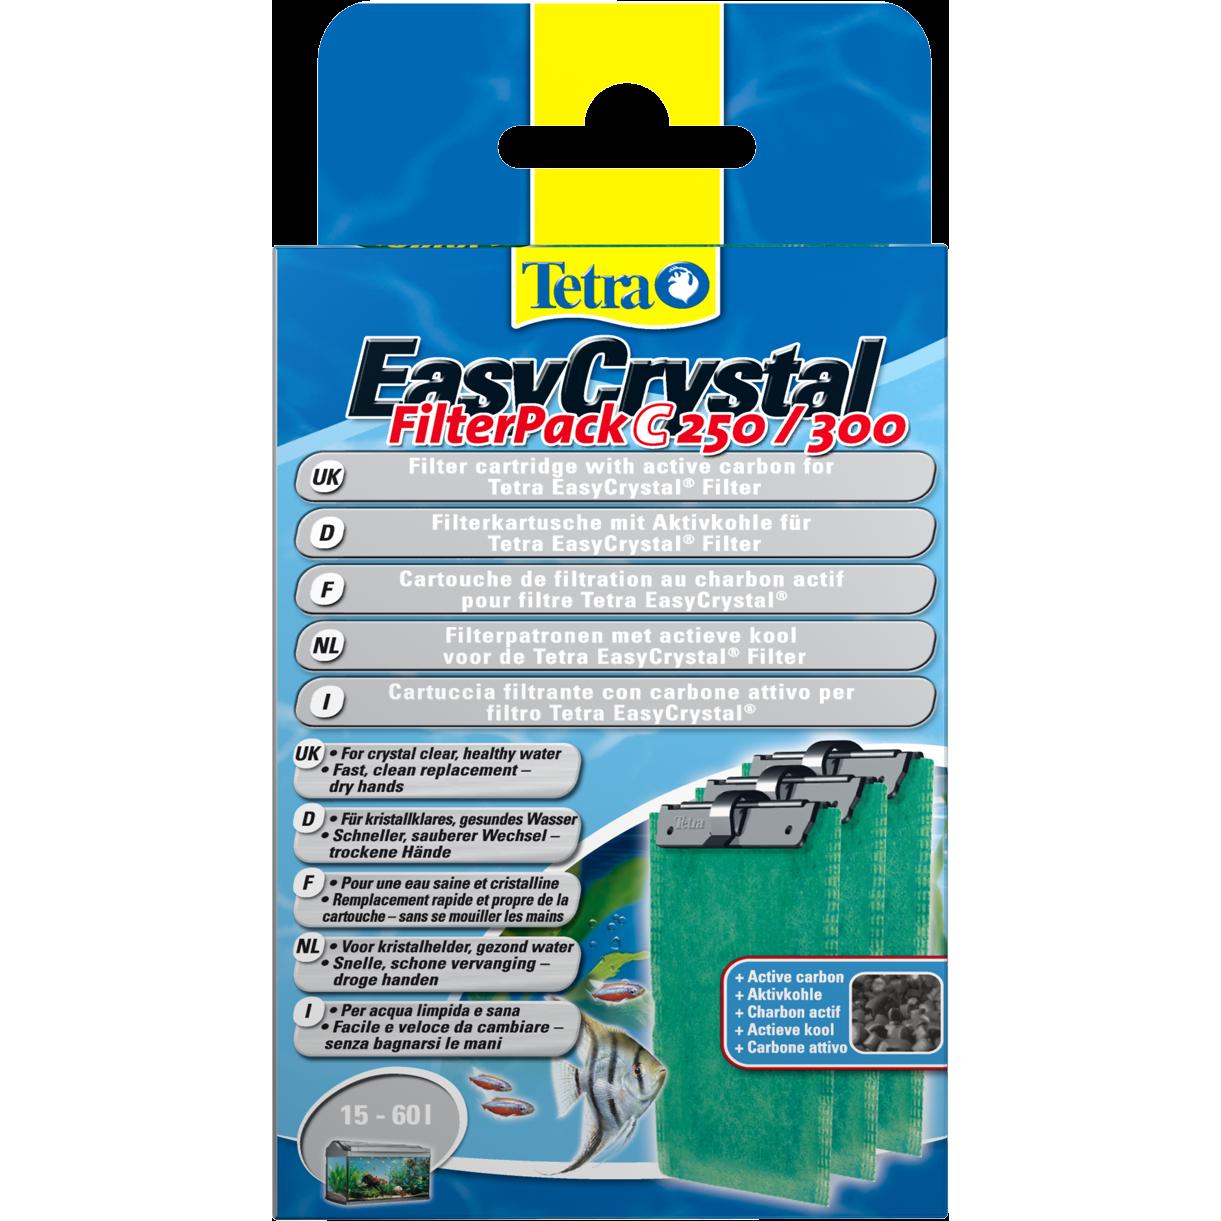 Tetra EasyCrystal Filterpack C250/300